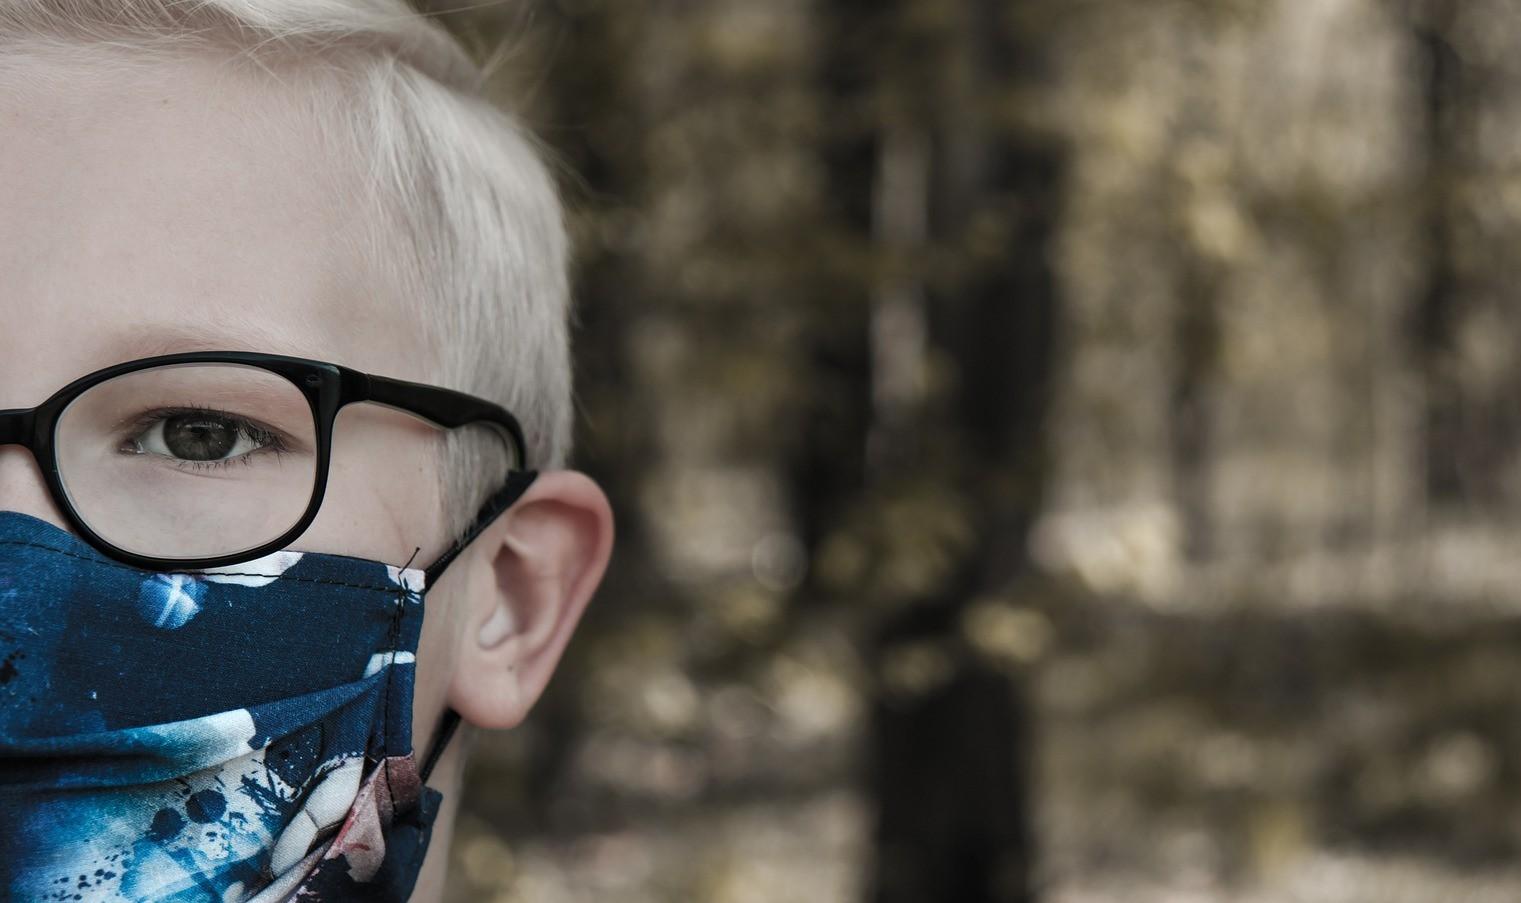 Алексей Цой рассказал, как сделать маску для новорожденных